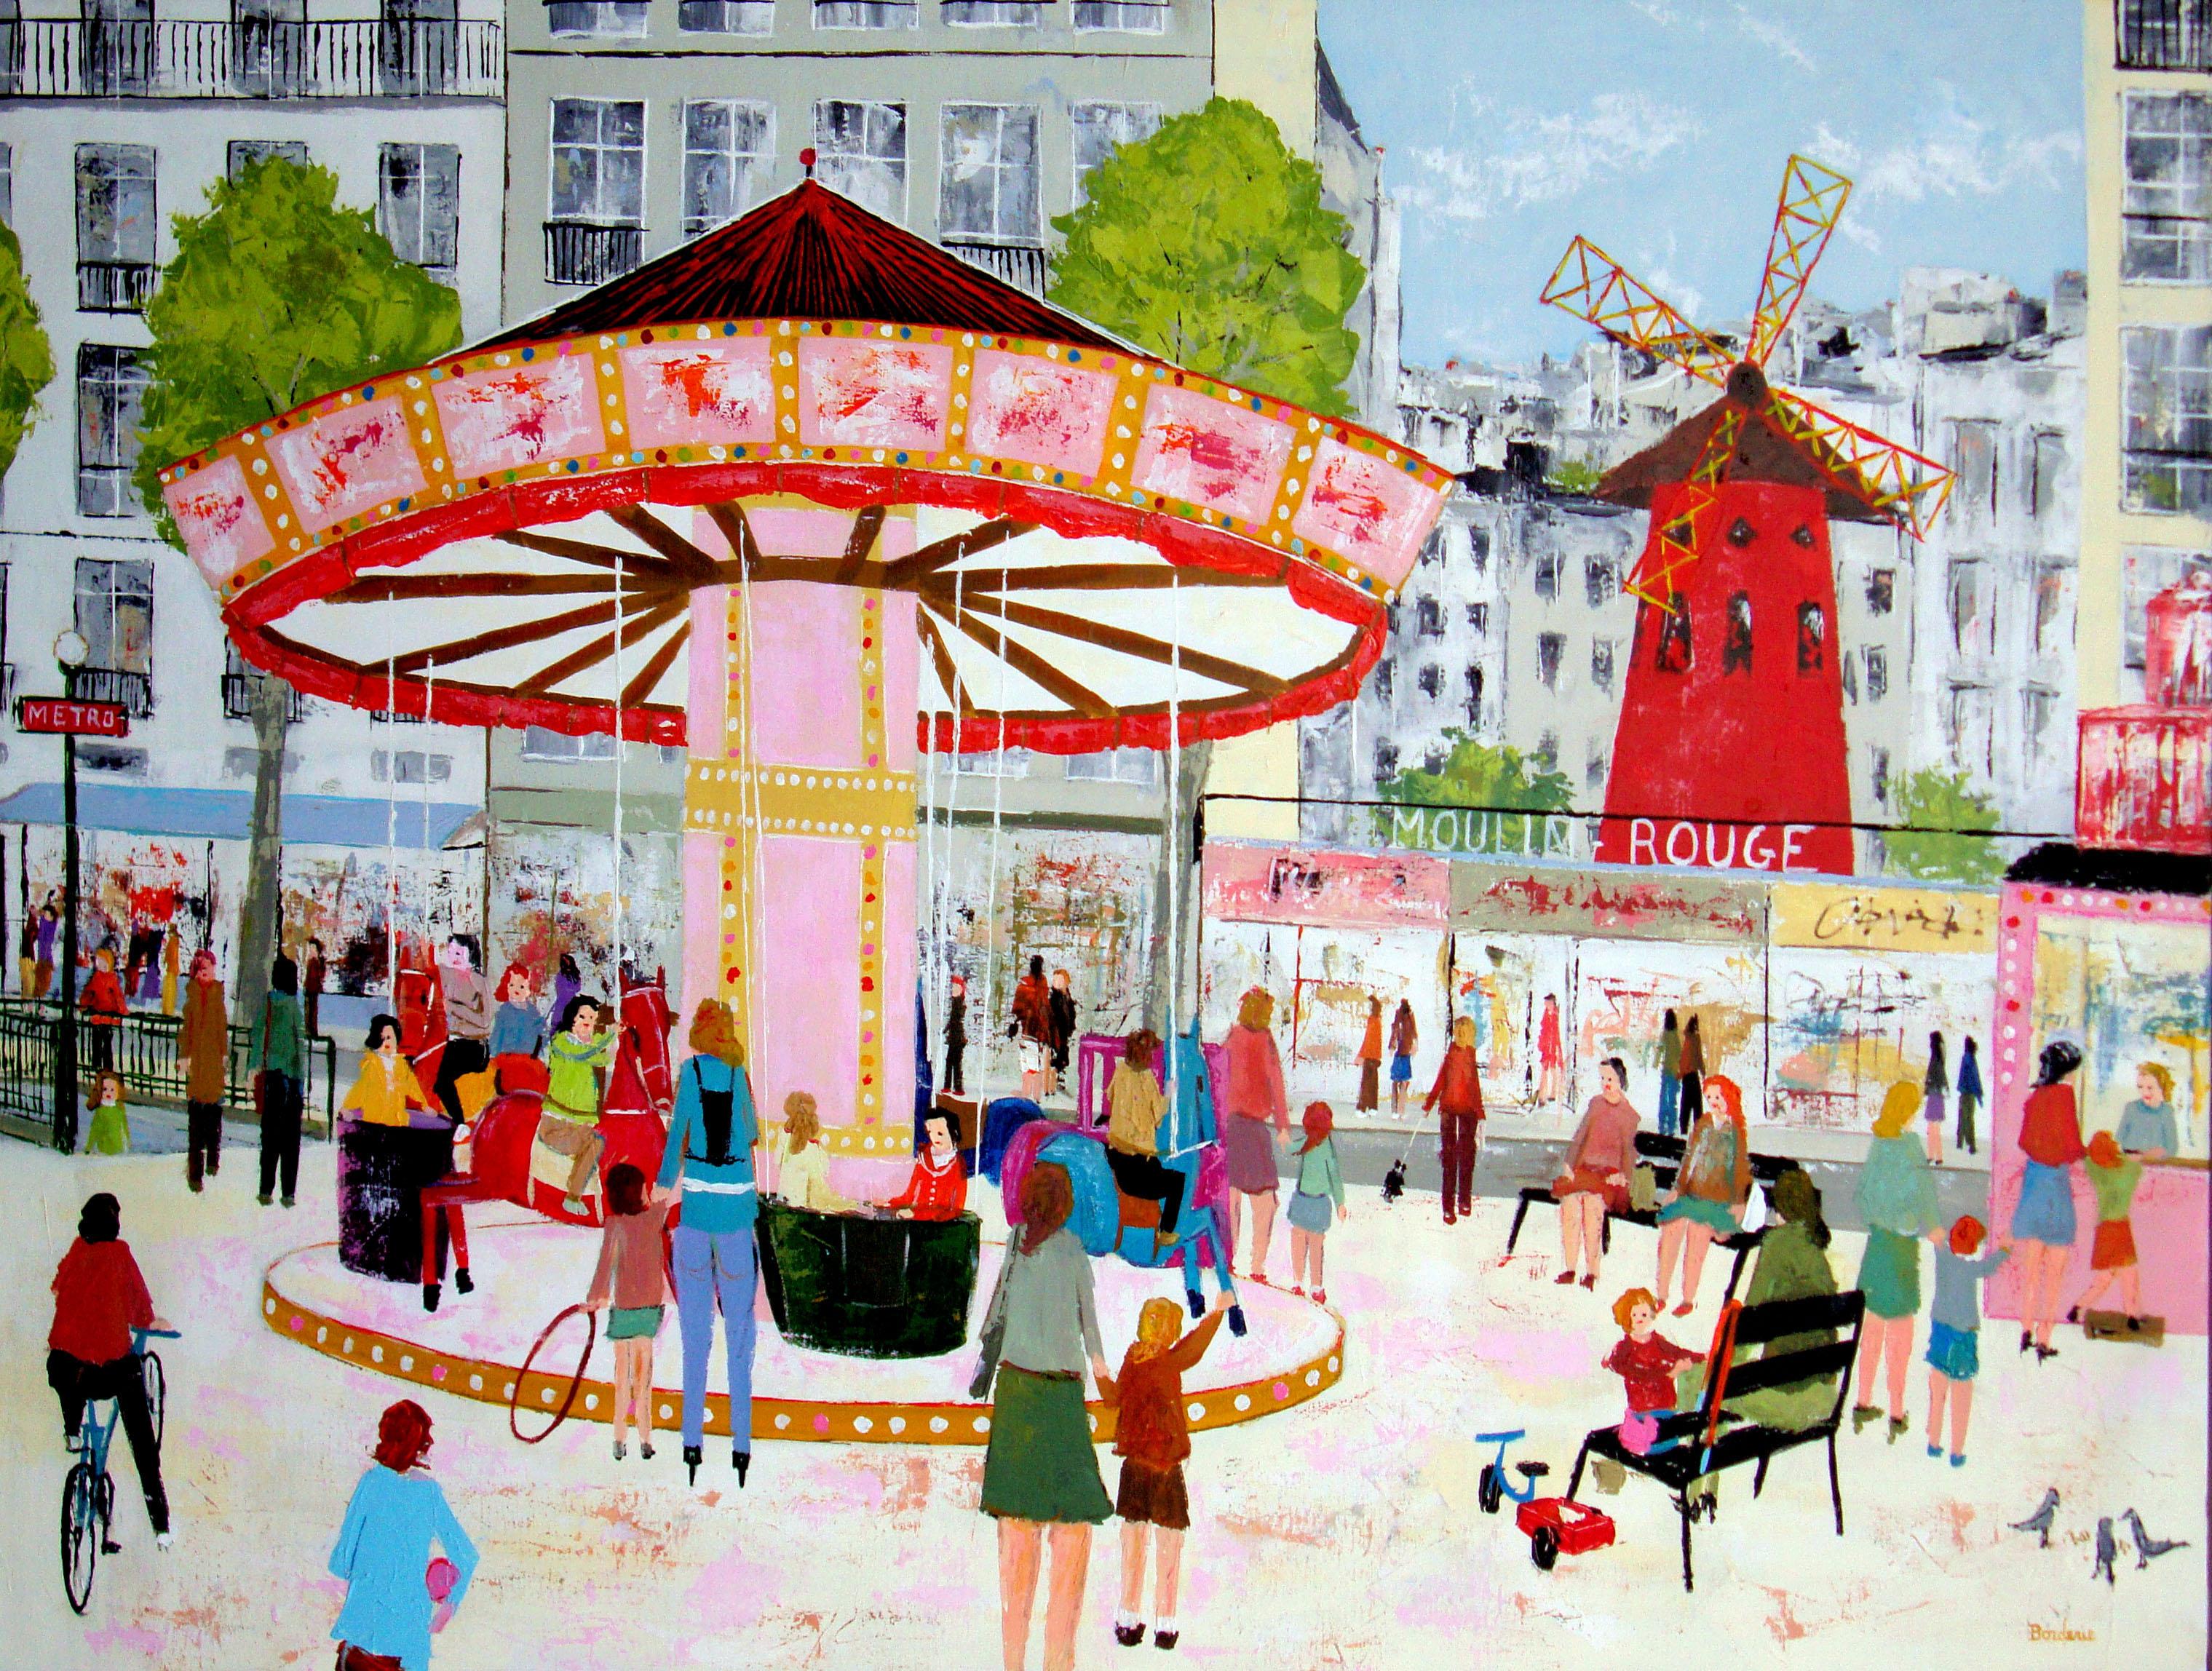 Le manege devant le Moulin rouge 60F